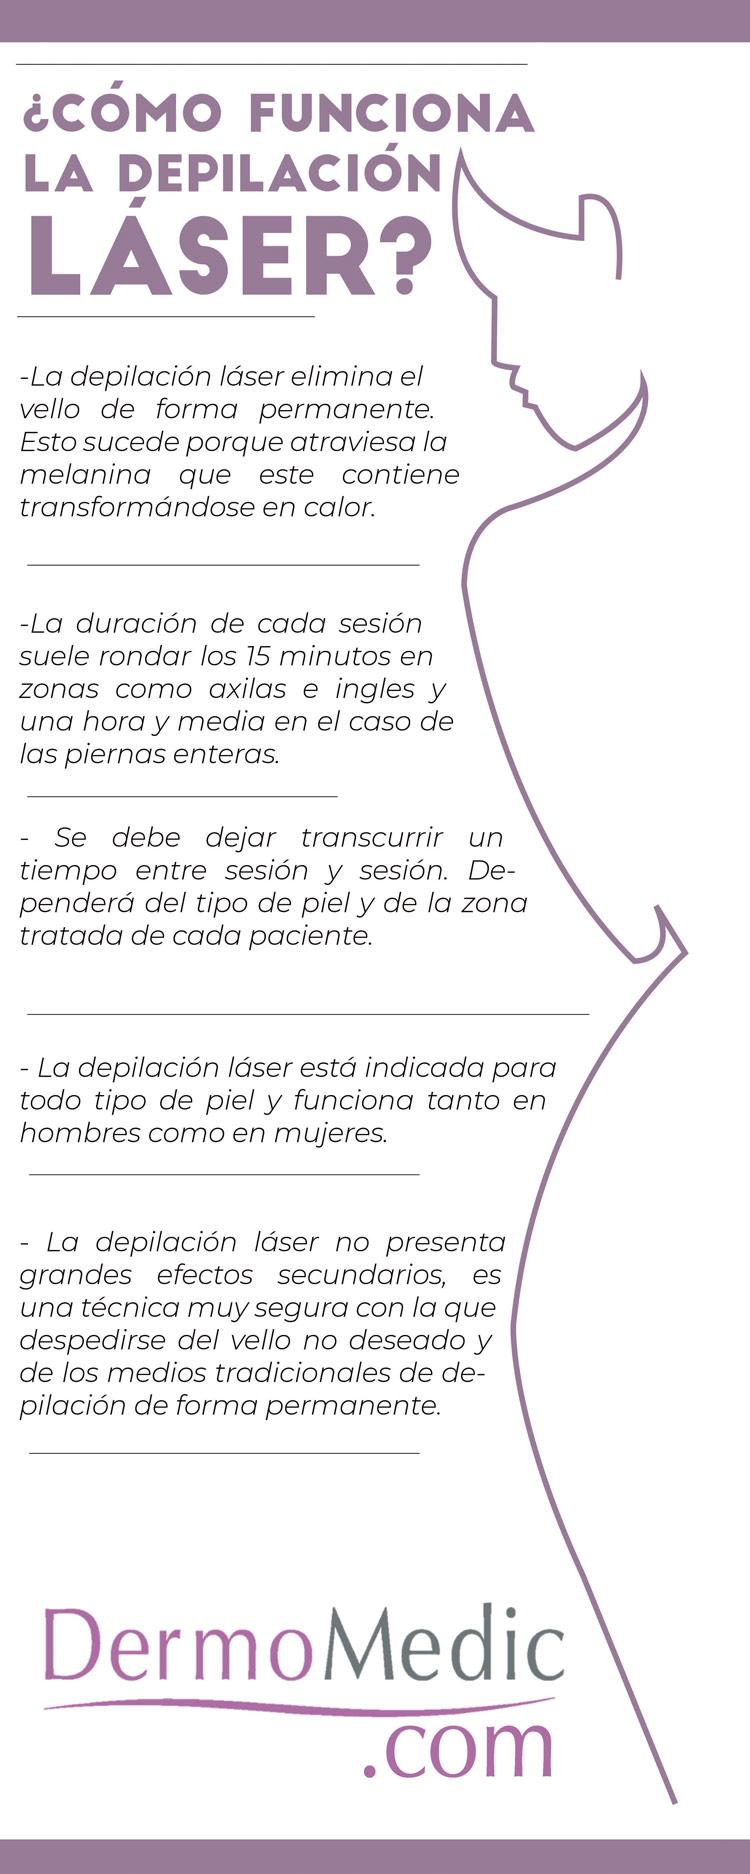 Dermomedic - Cómo funciona la depilación láser - Dermatólogo en Madrid